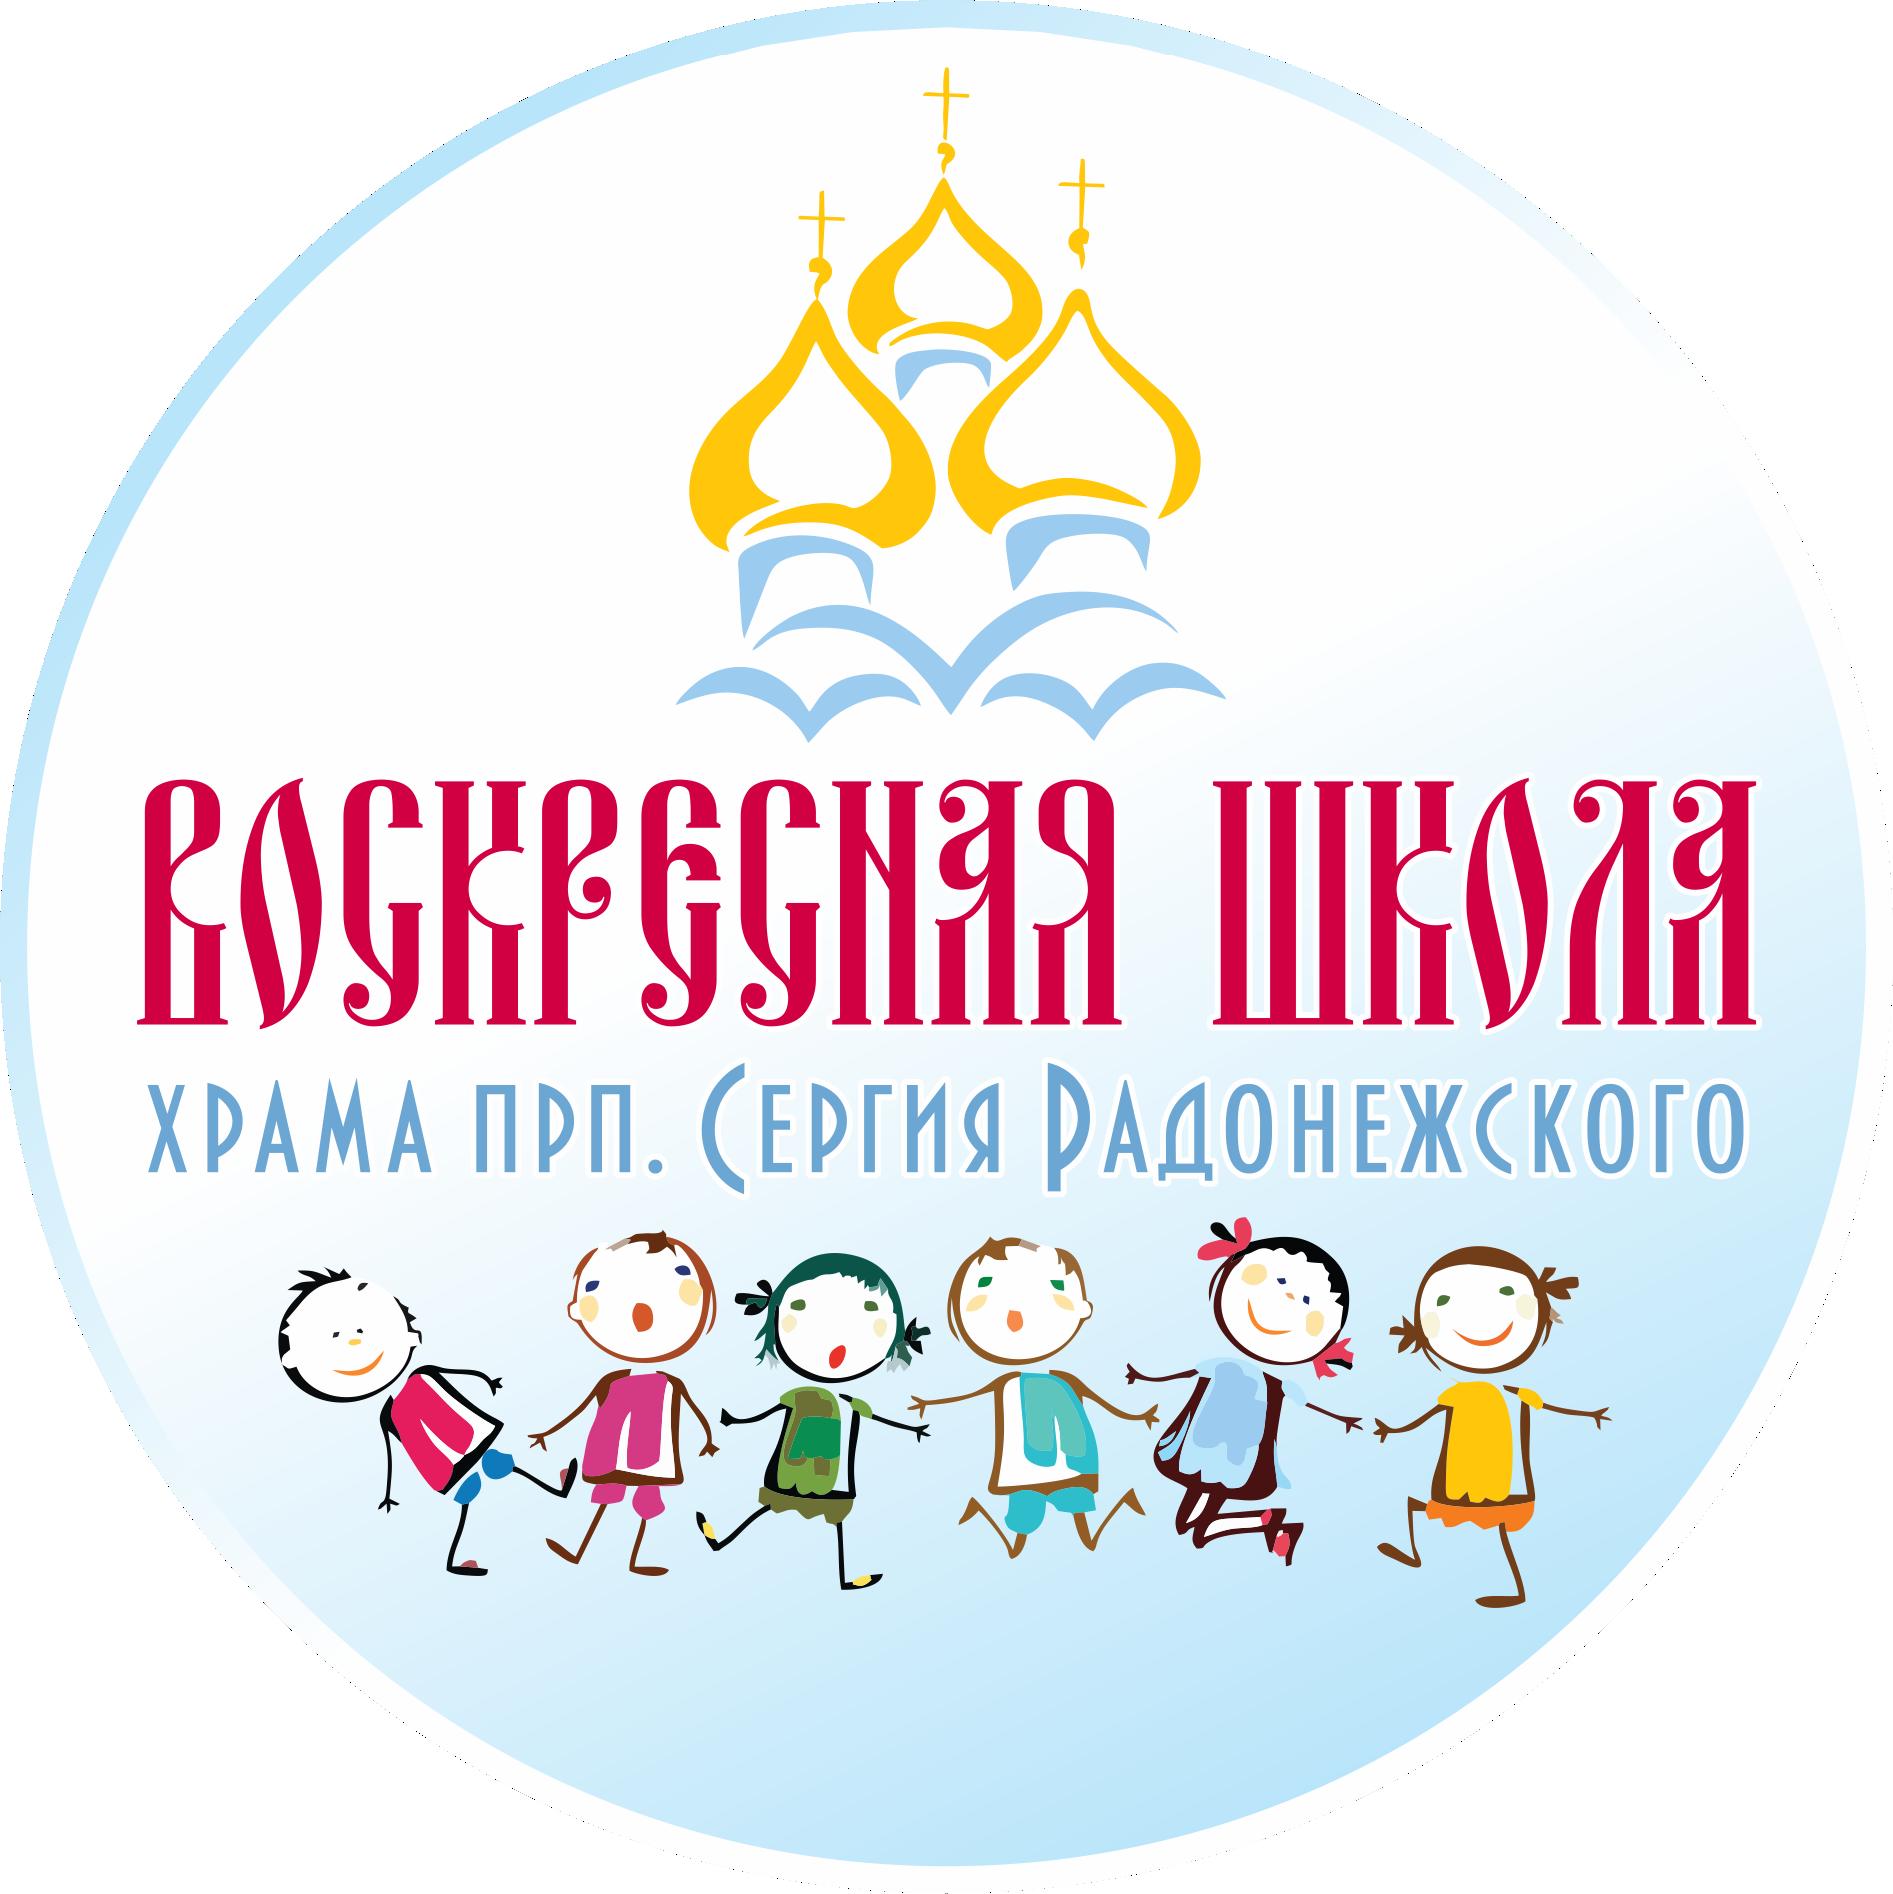 Игорь лого для интернета и превью